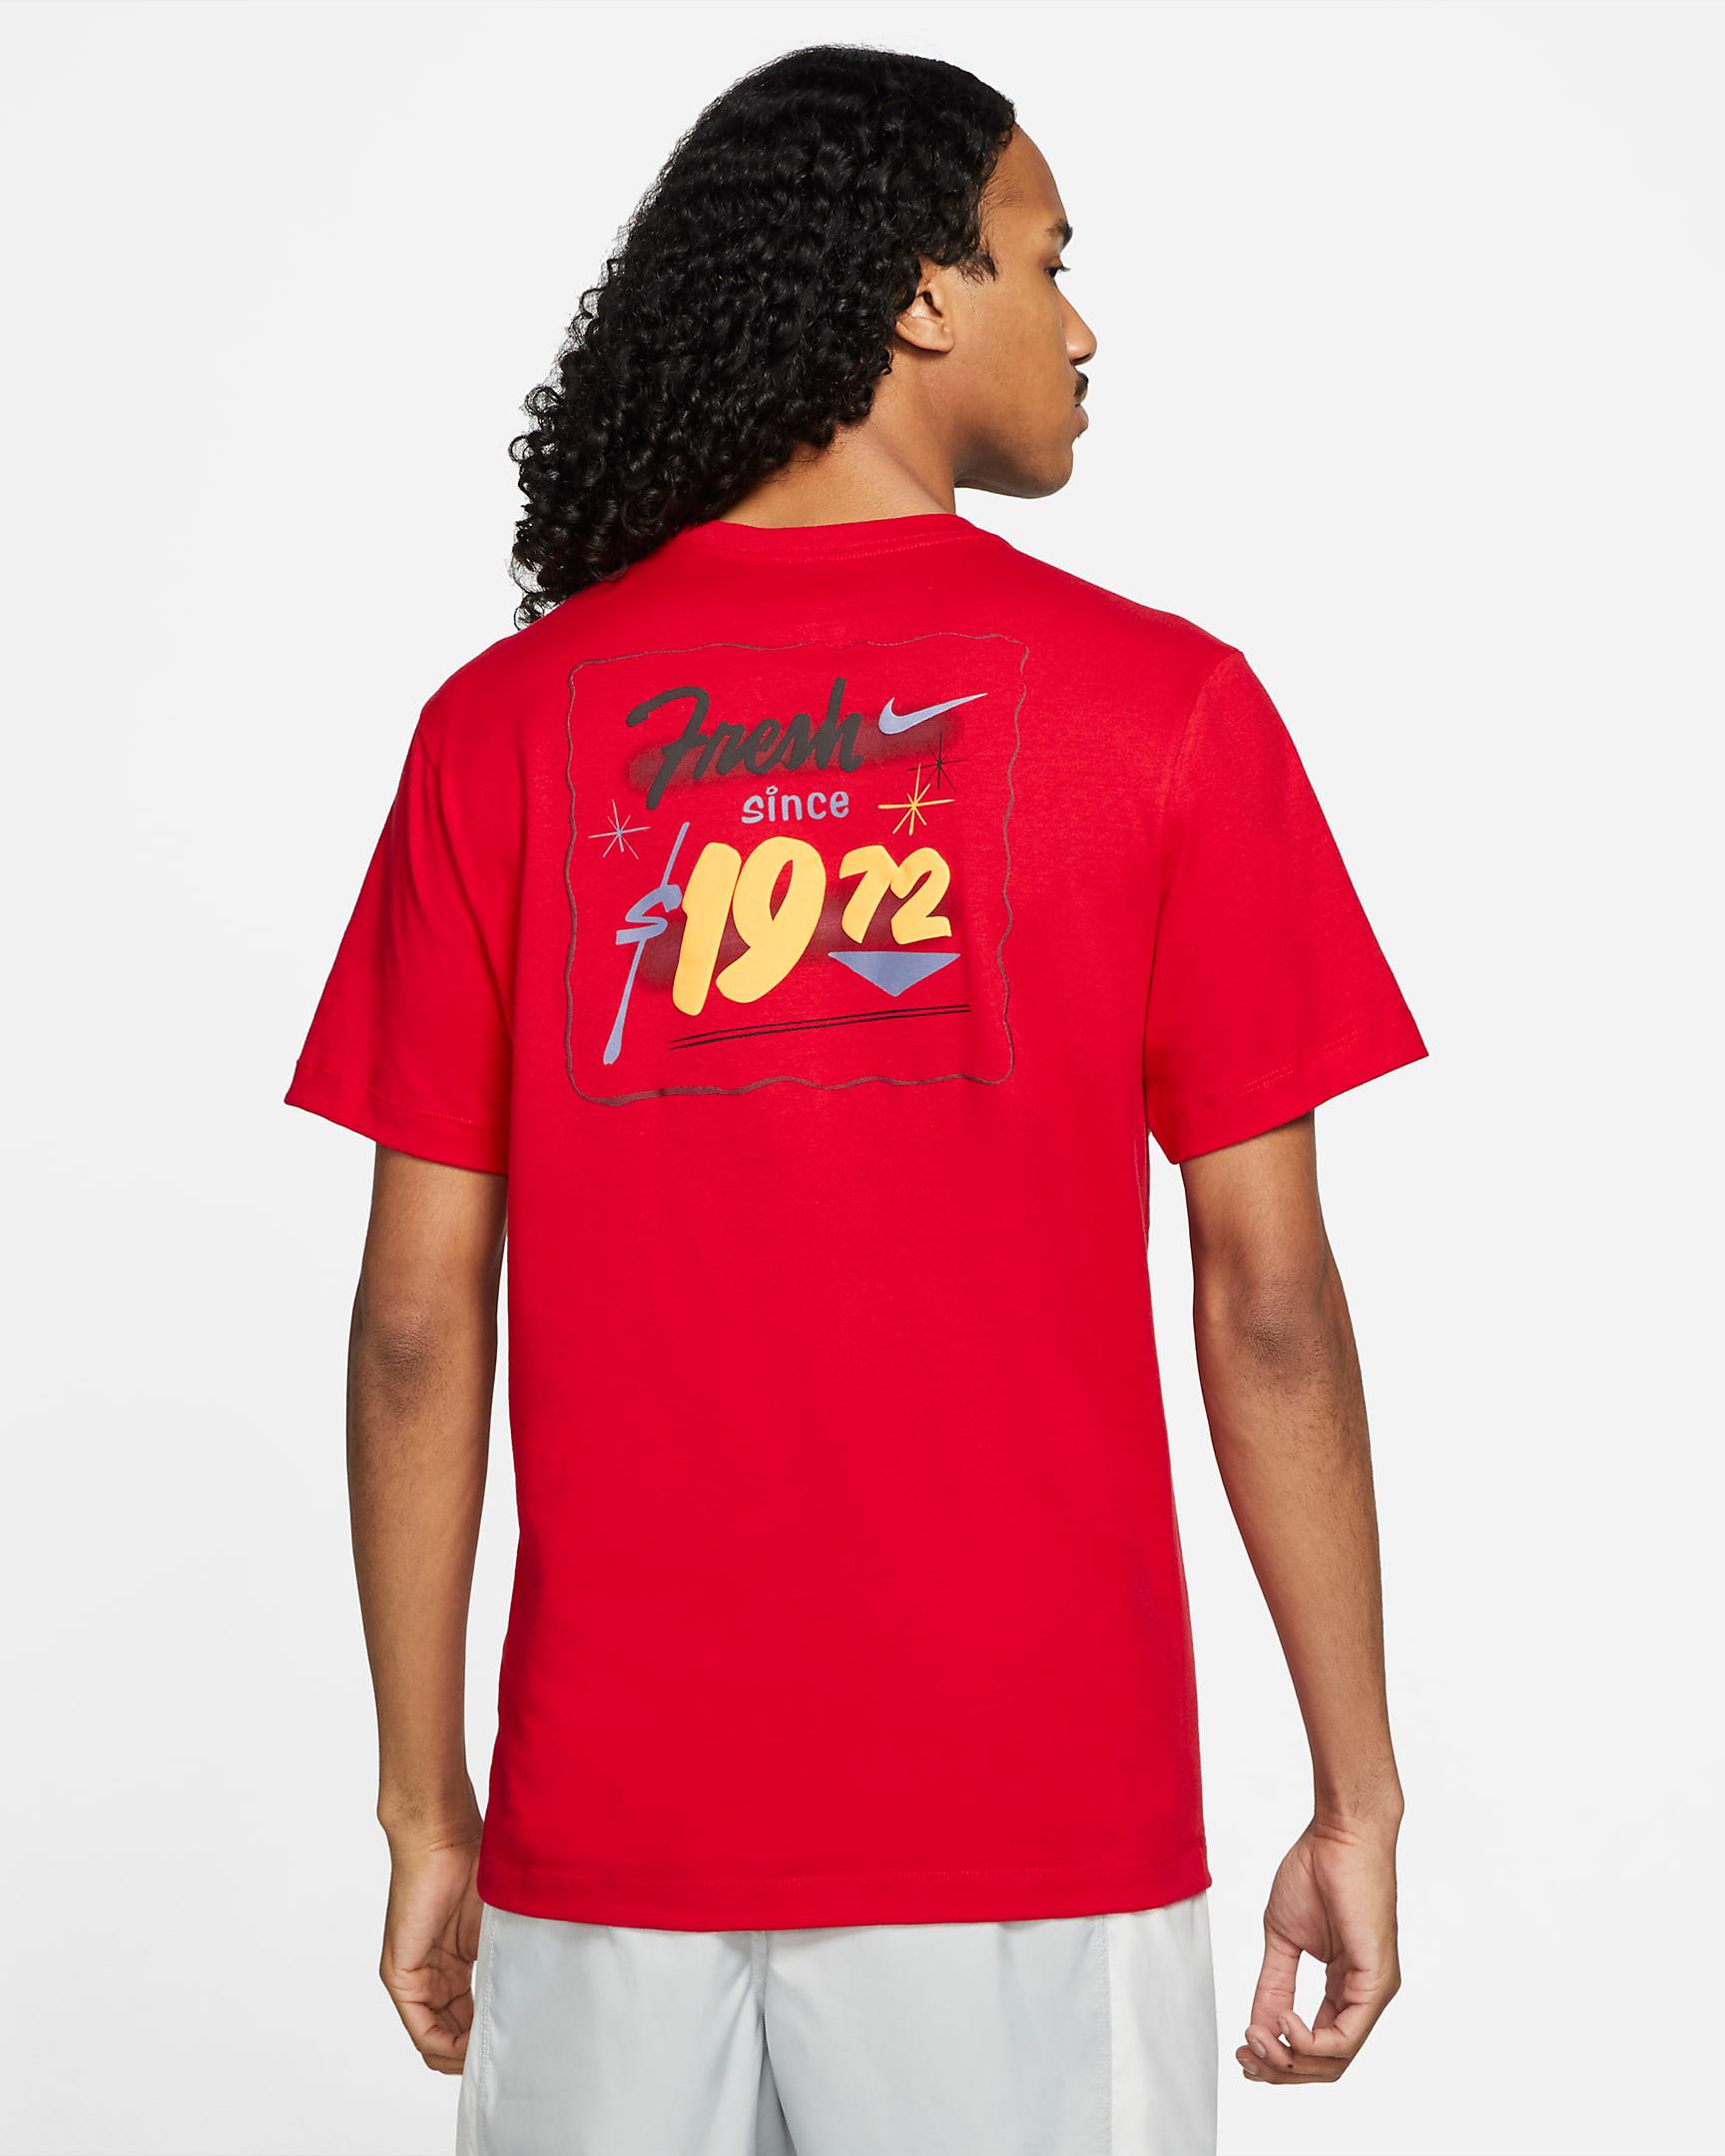 nike-bodega-red-shirt-2